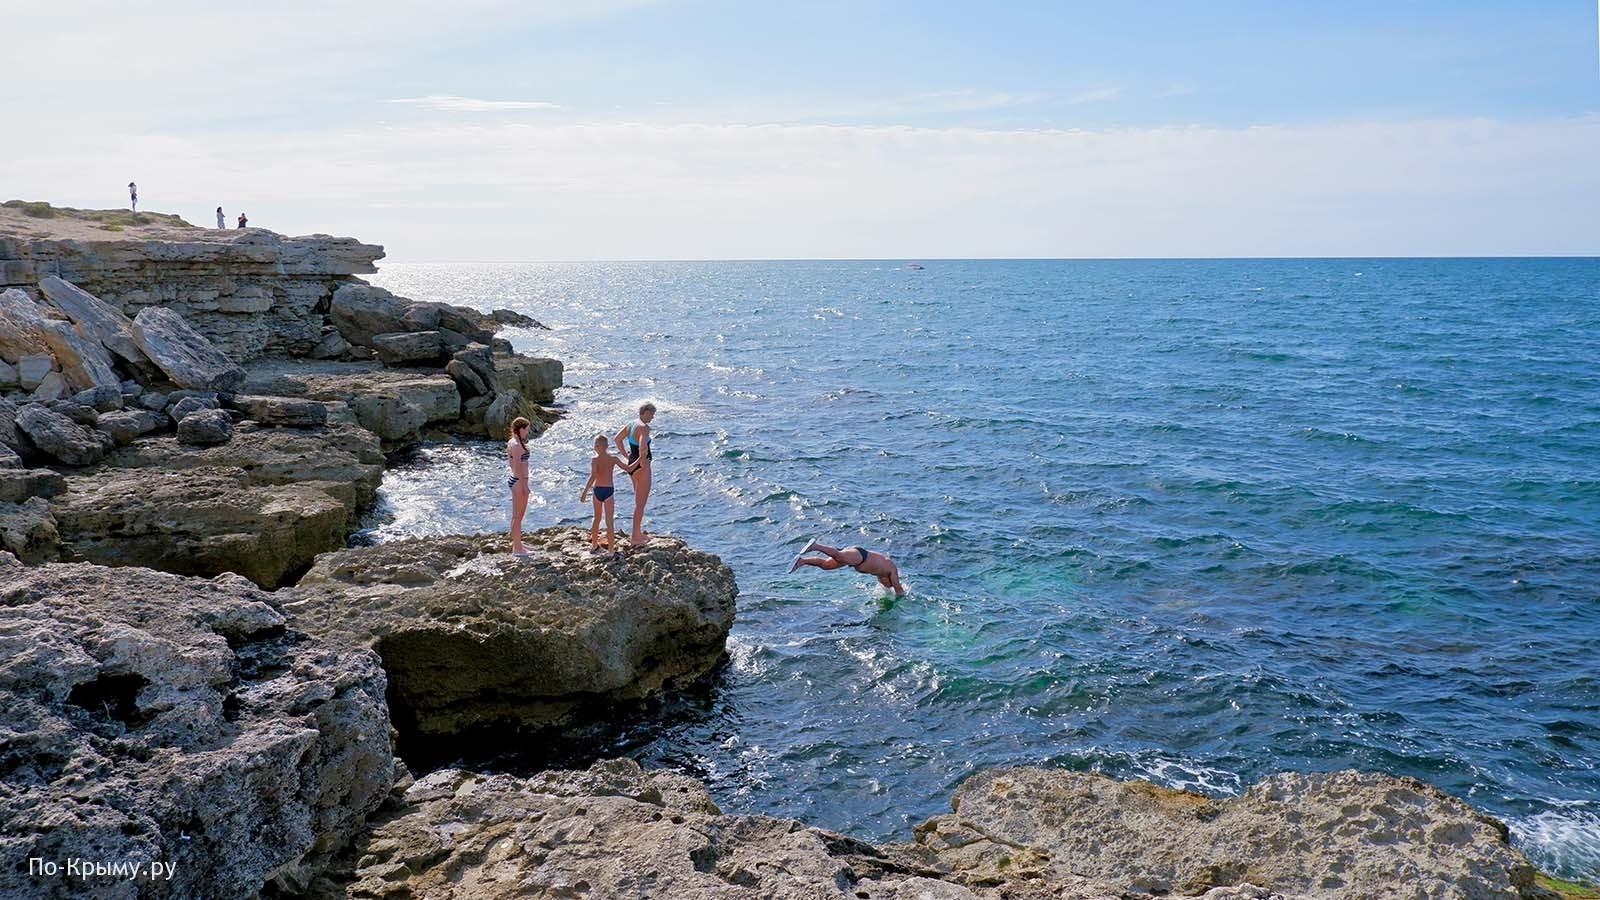 Черное море, Тарханкутский полуостров